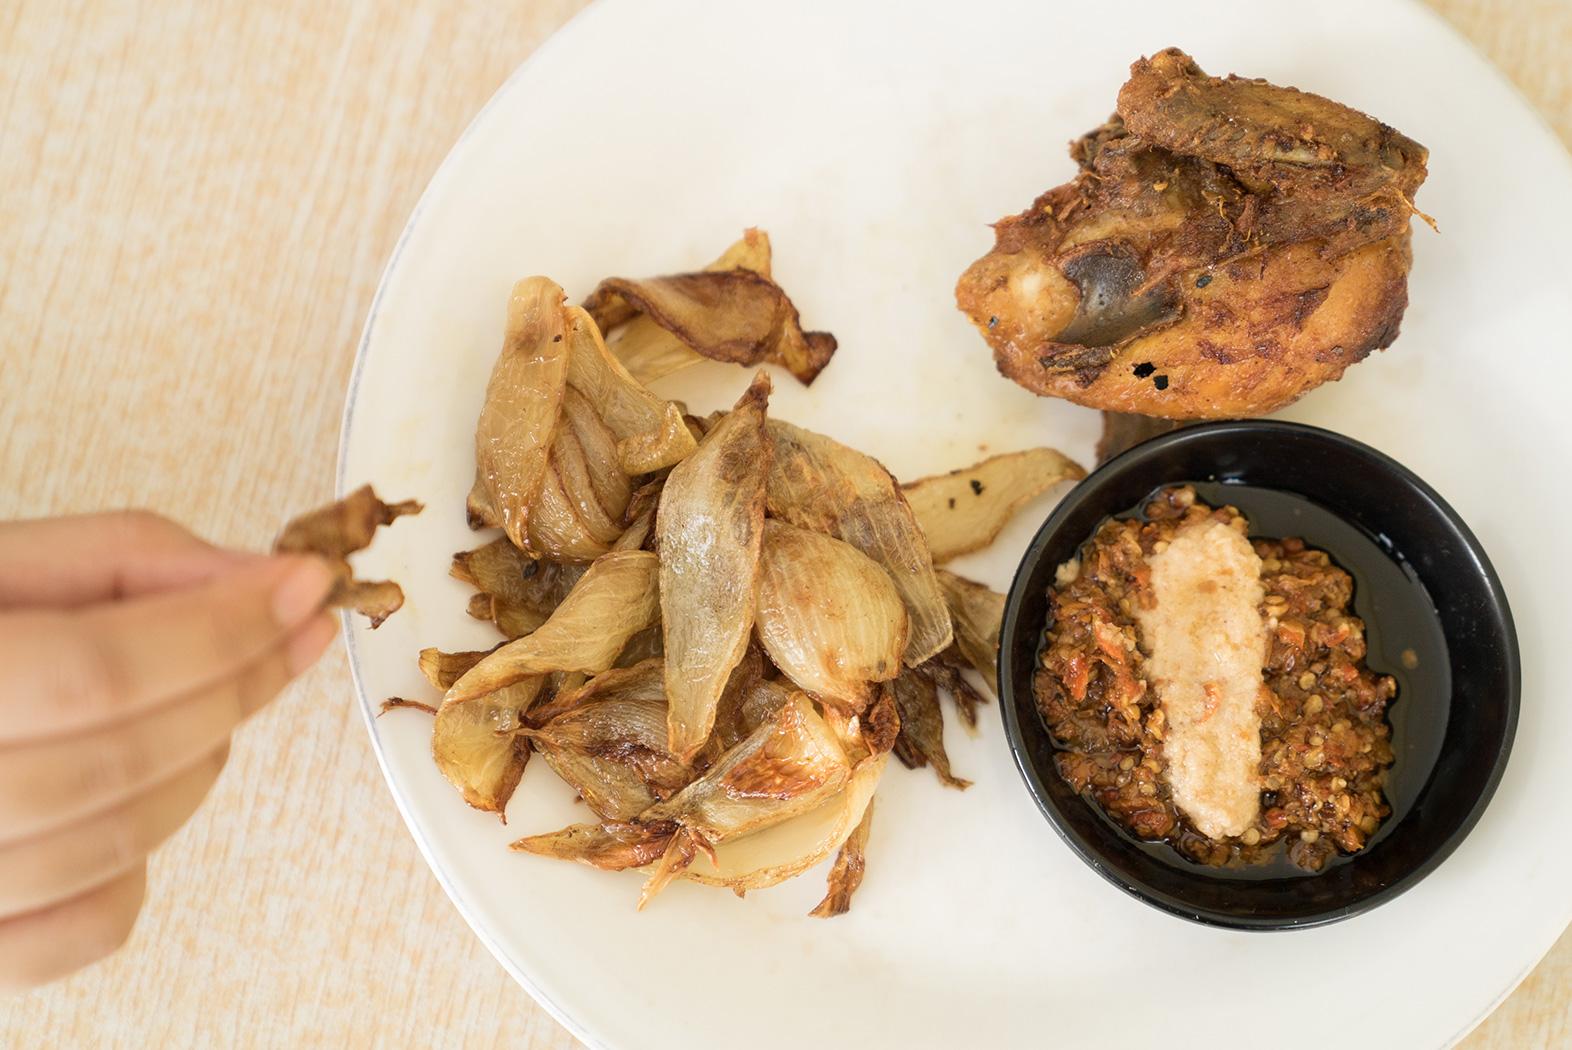 Resep Ayam Africa yang enak dan lezat